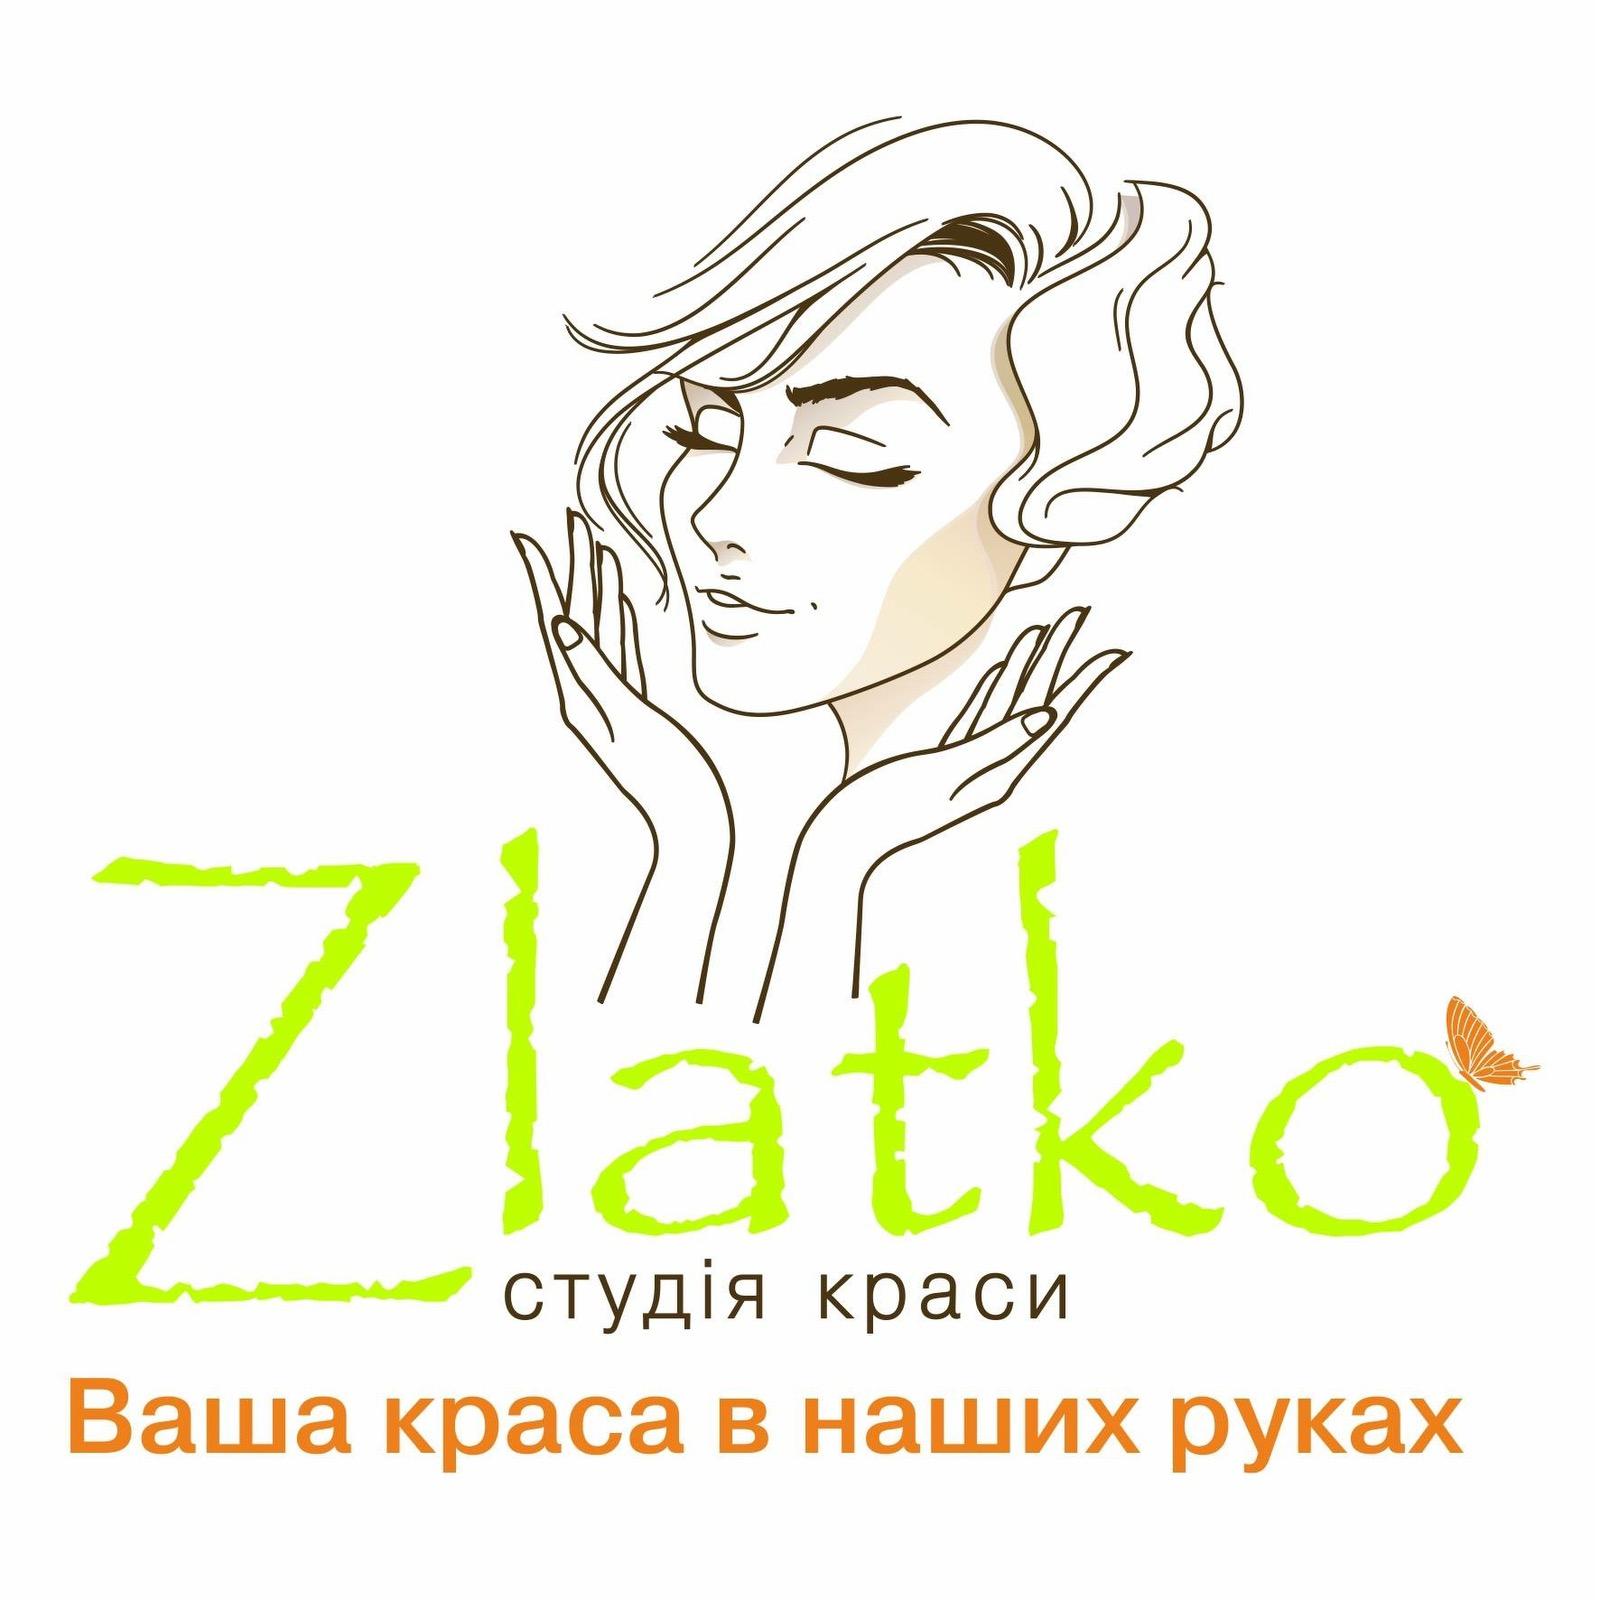 Сеть студий красоты Zlatko